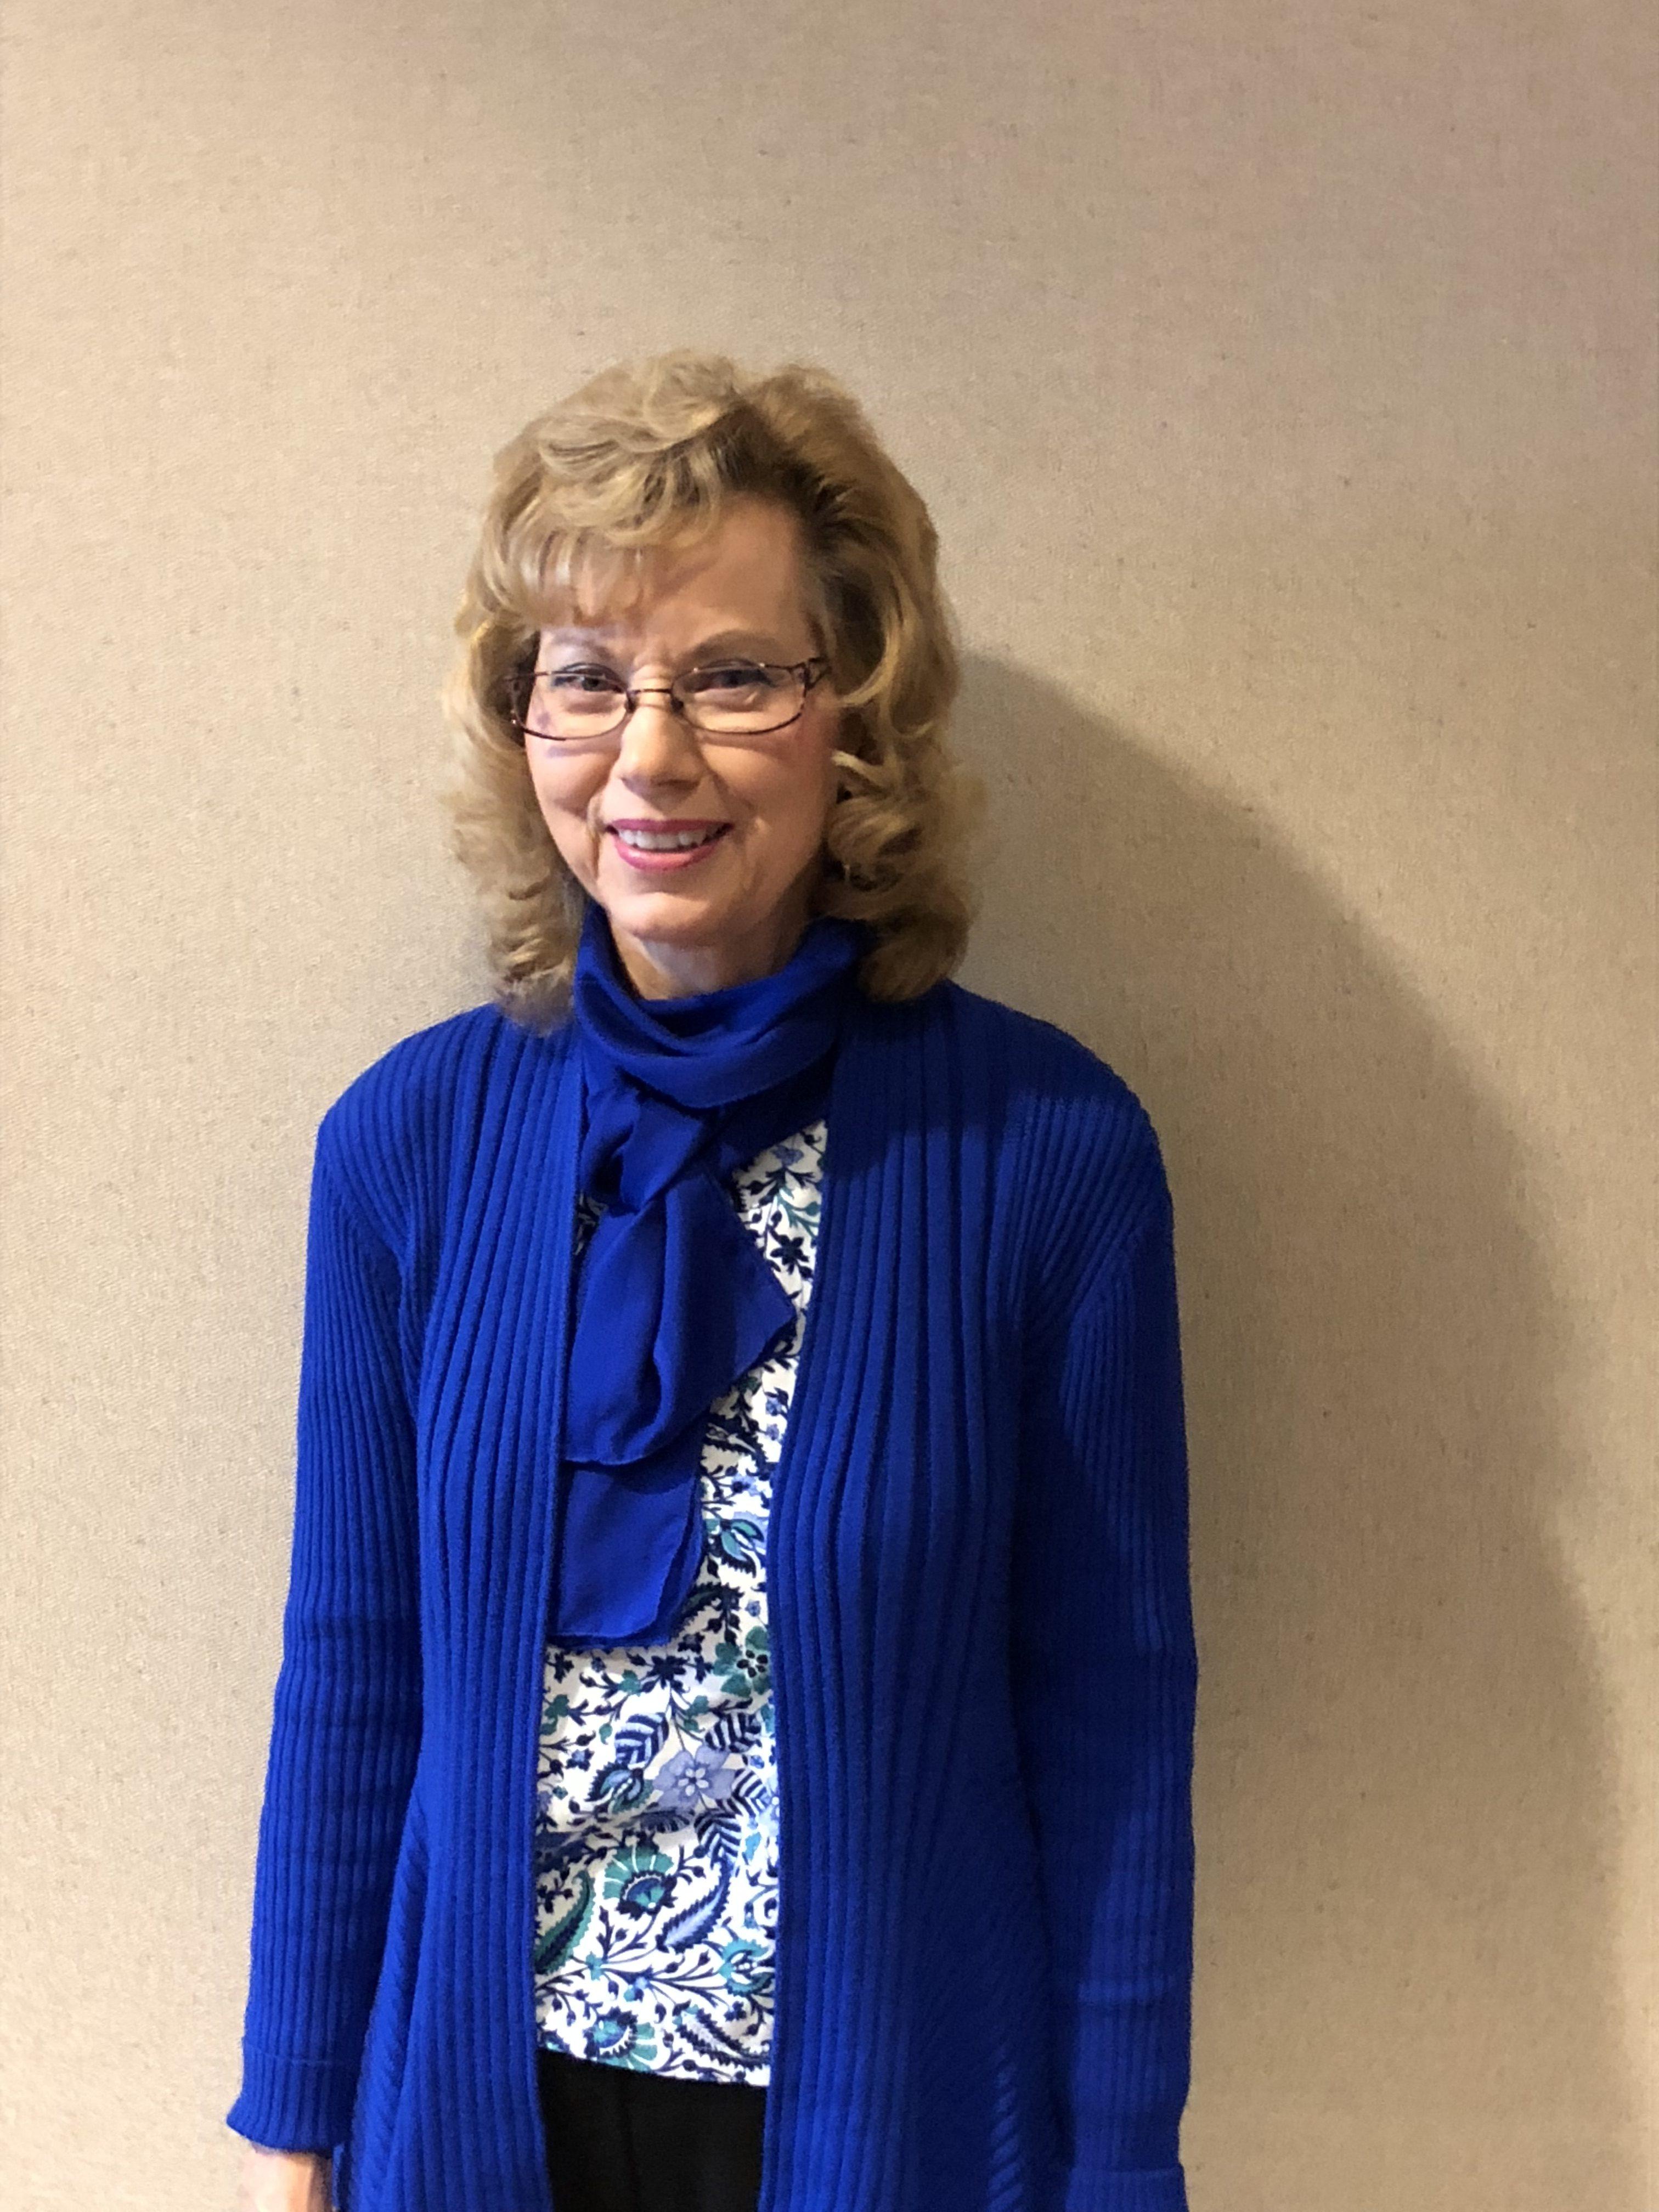 Vicki Leale